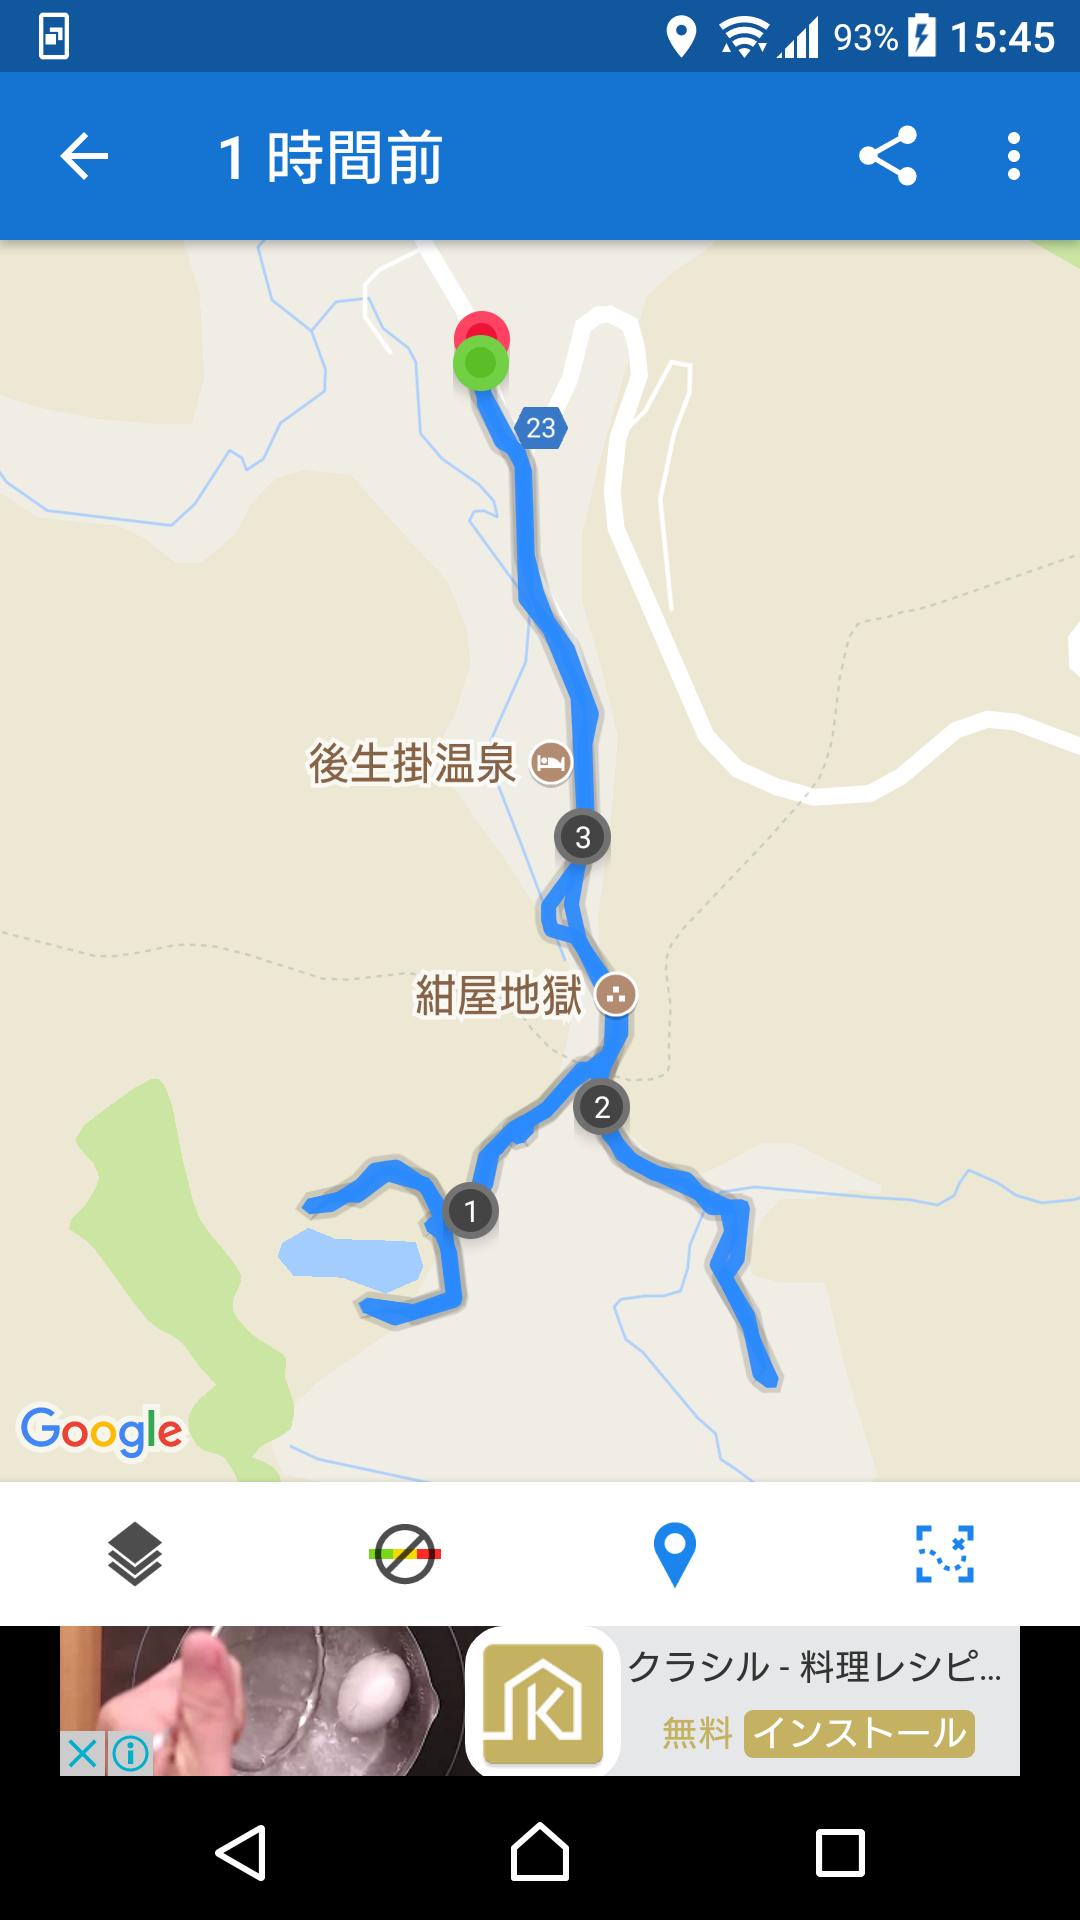 f:id:ynakayama27:20170705164130p:plain